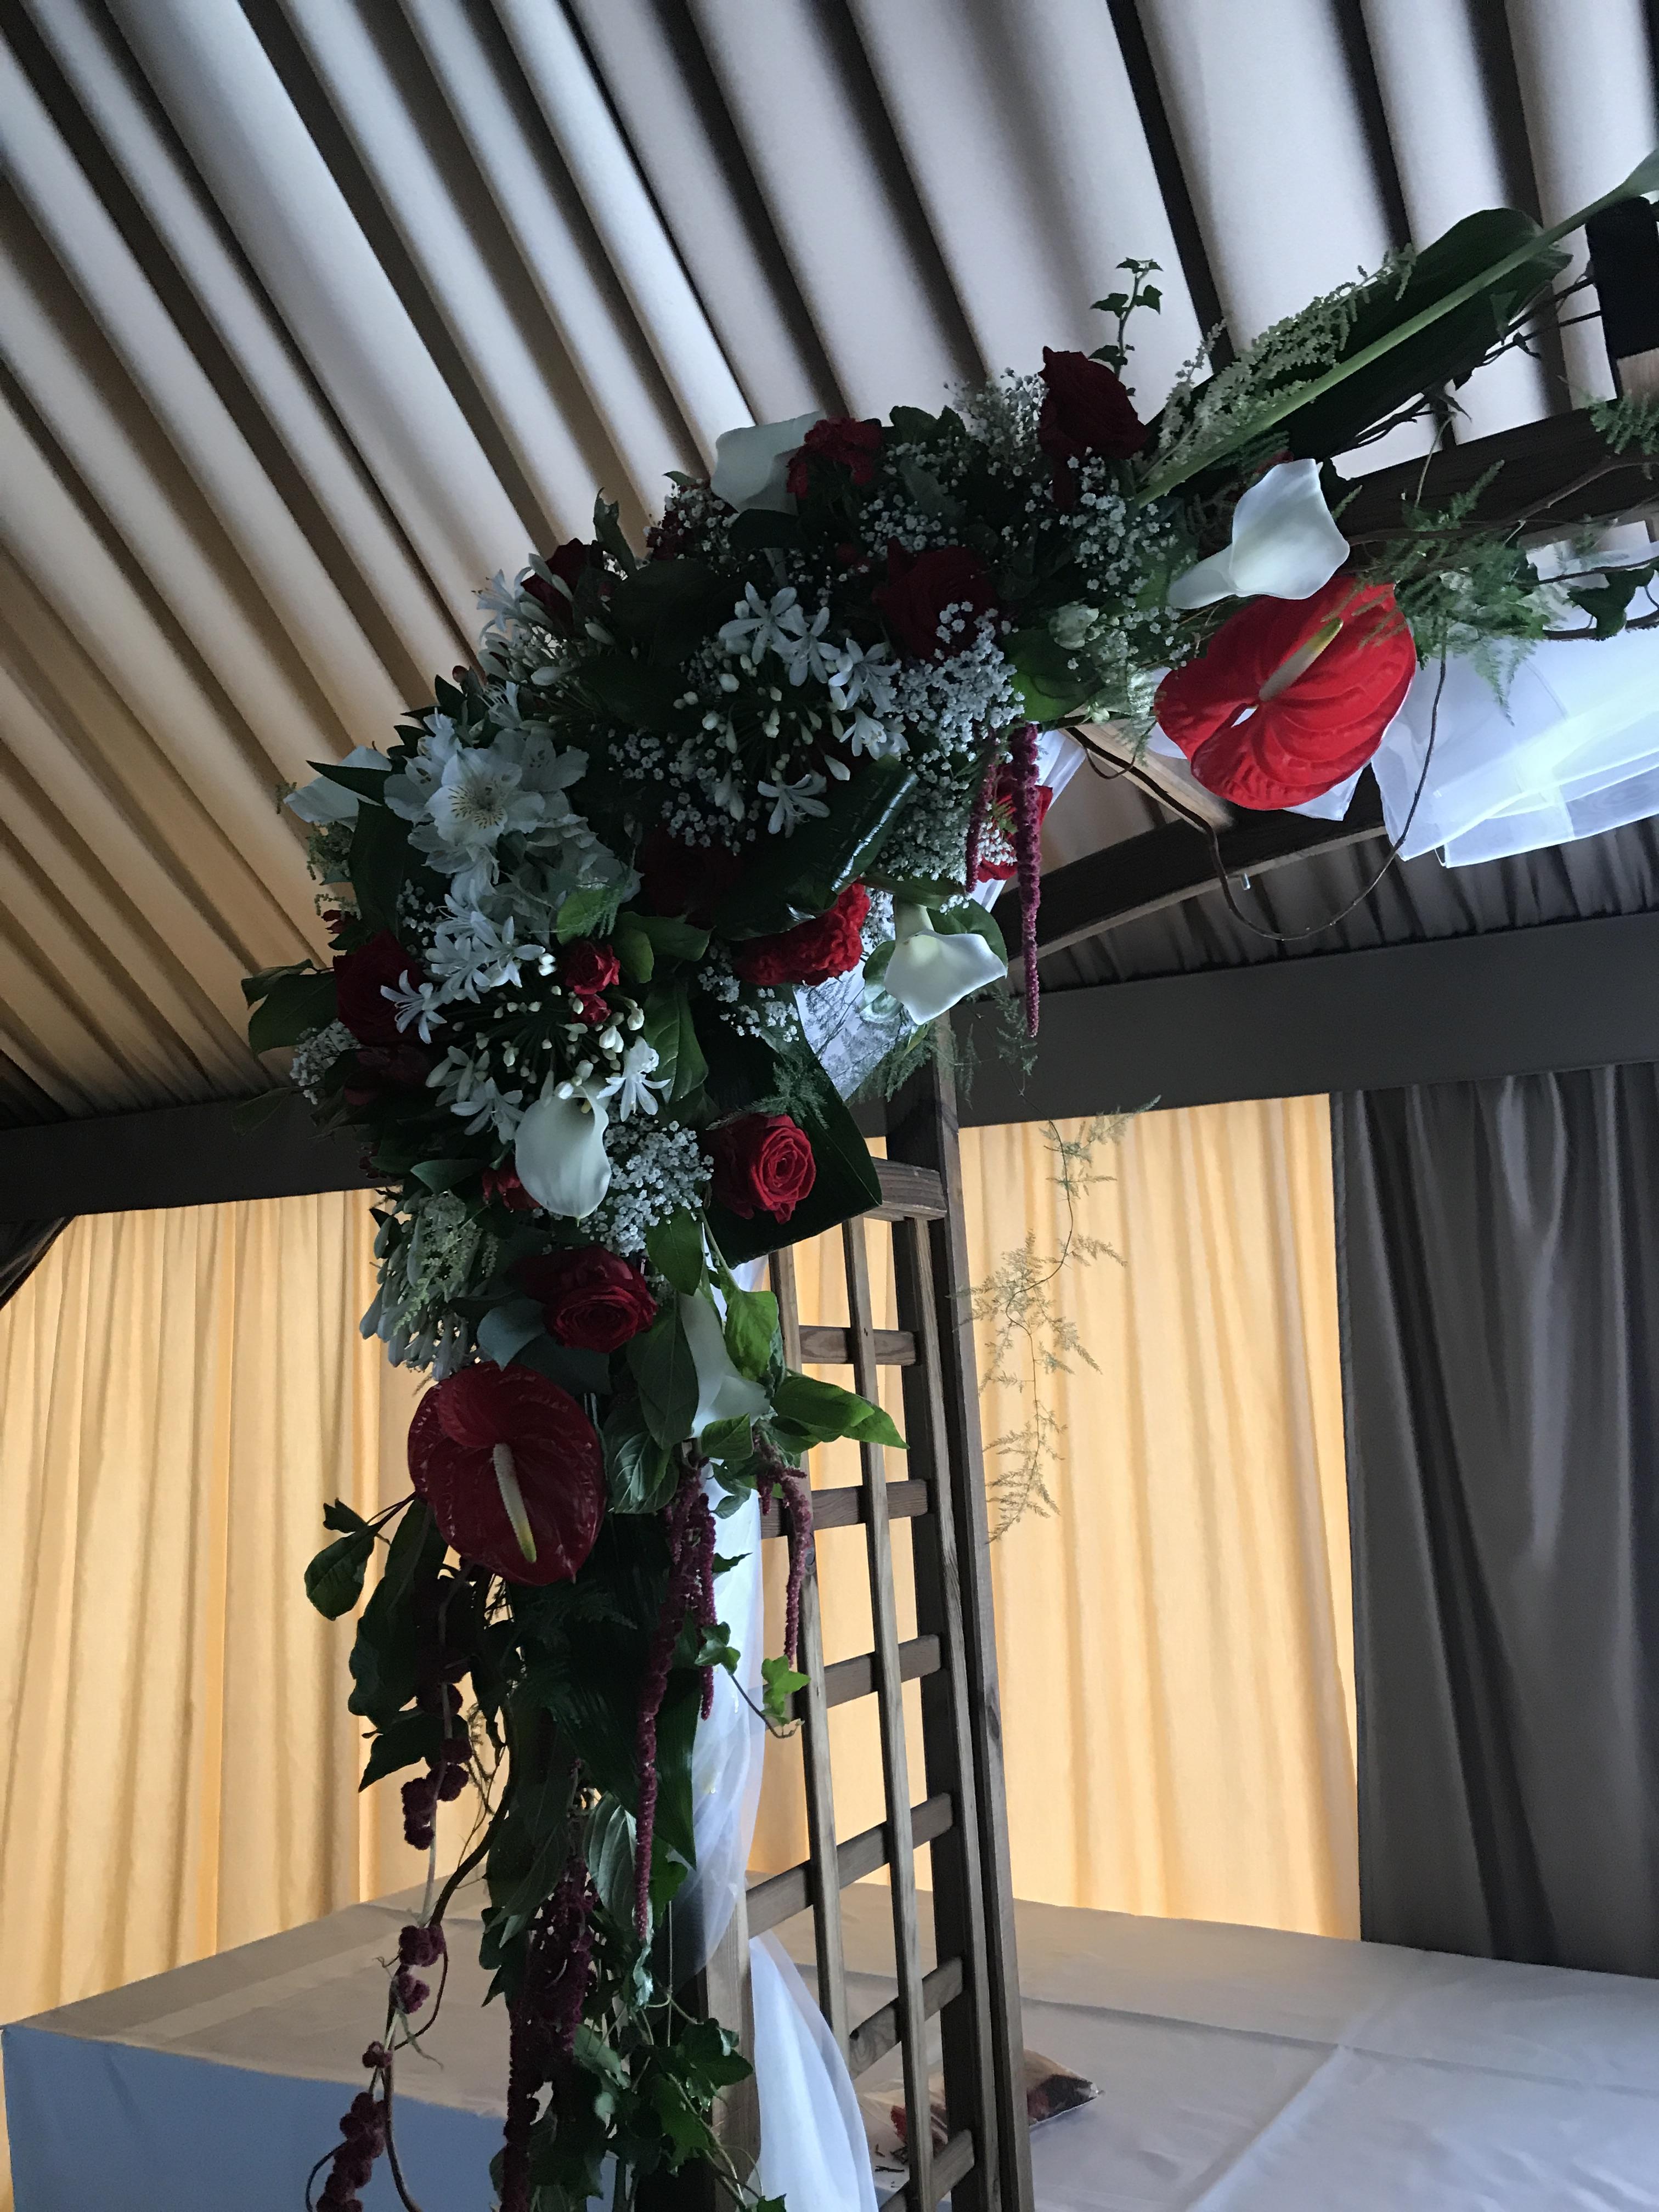 Arche (Audrey fleurs)